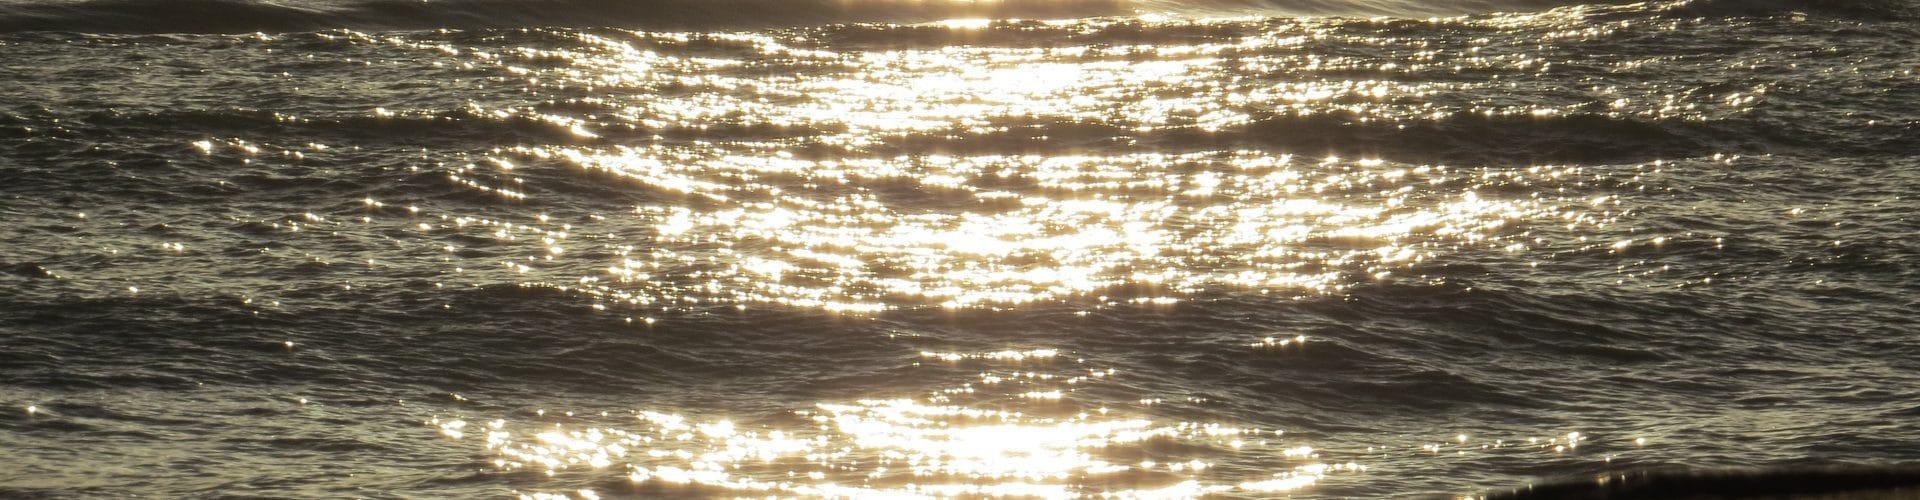 Lever de soleil hivernal - BIT Torreilles - © C. Esparrac-min